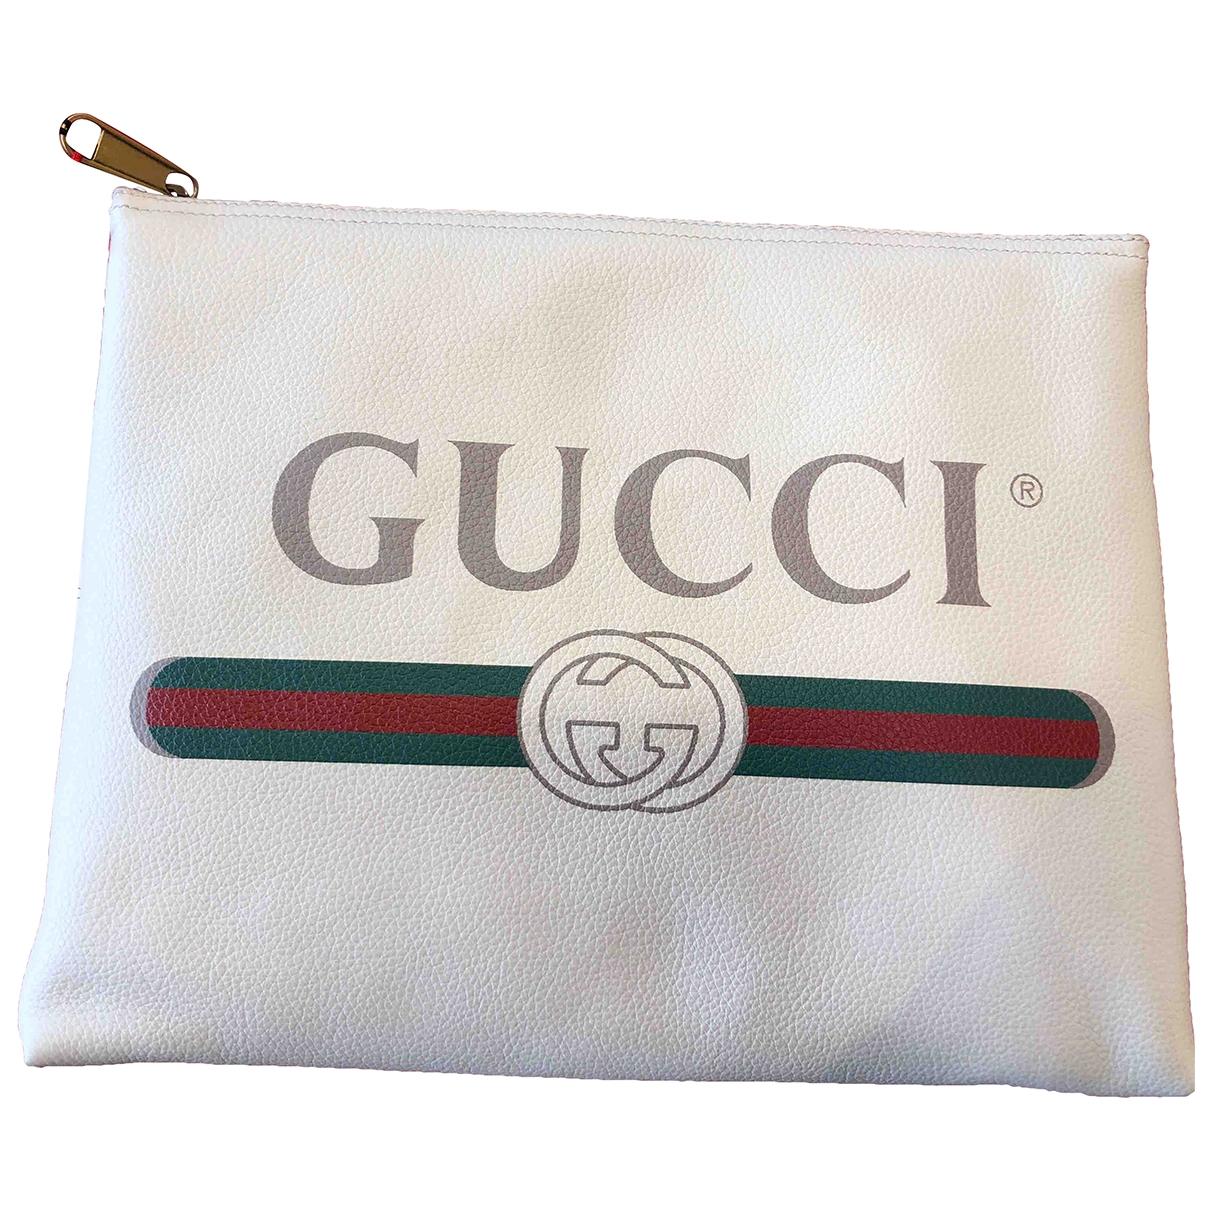 Gucci \N Kleinlederwaren in  Ecru Leder